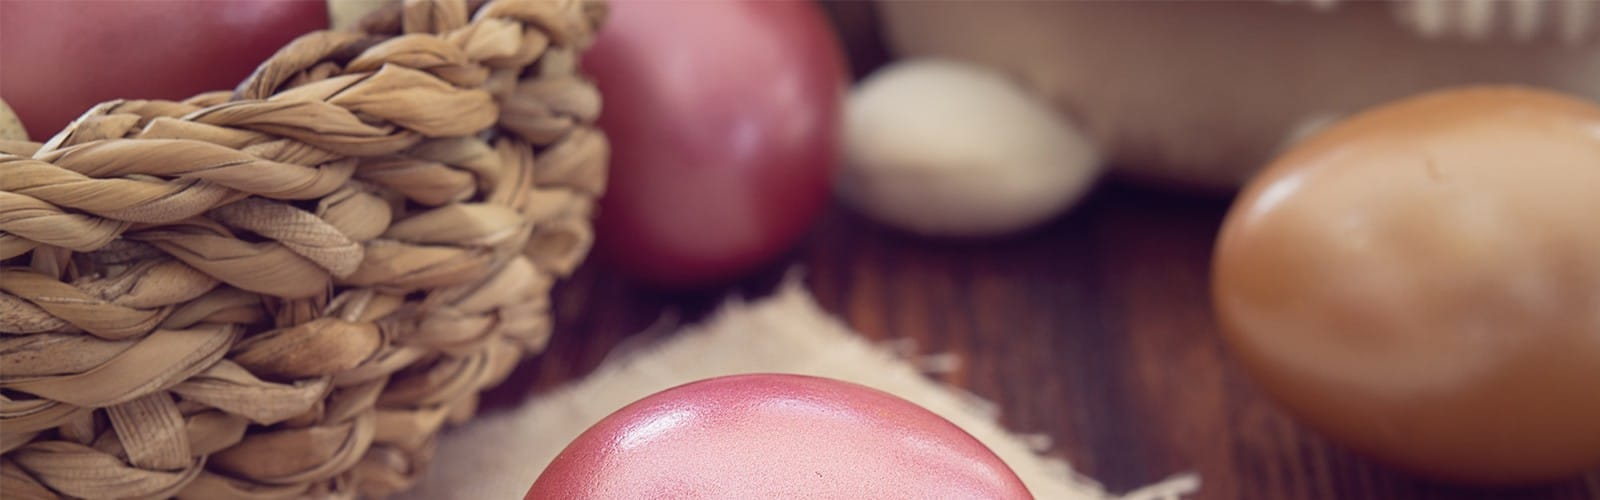 Comment préparer votre campagne SMS pour les fêtes de pâques ?